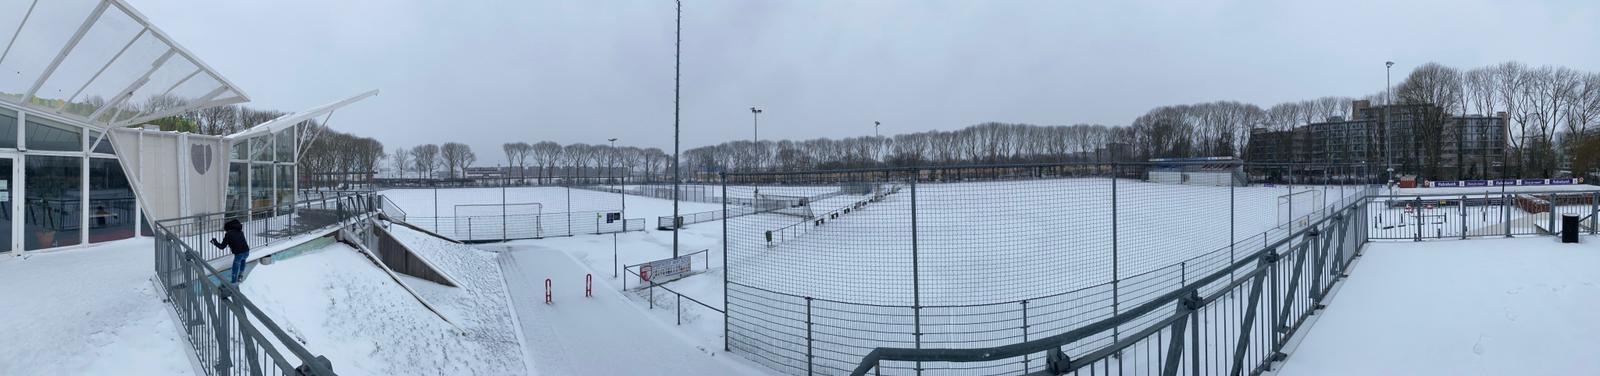 Wegens (winter)omstandigheden gesloten...